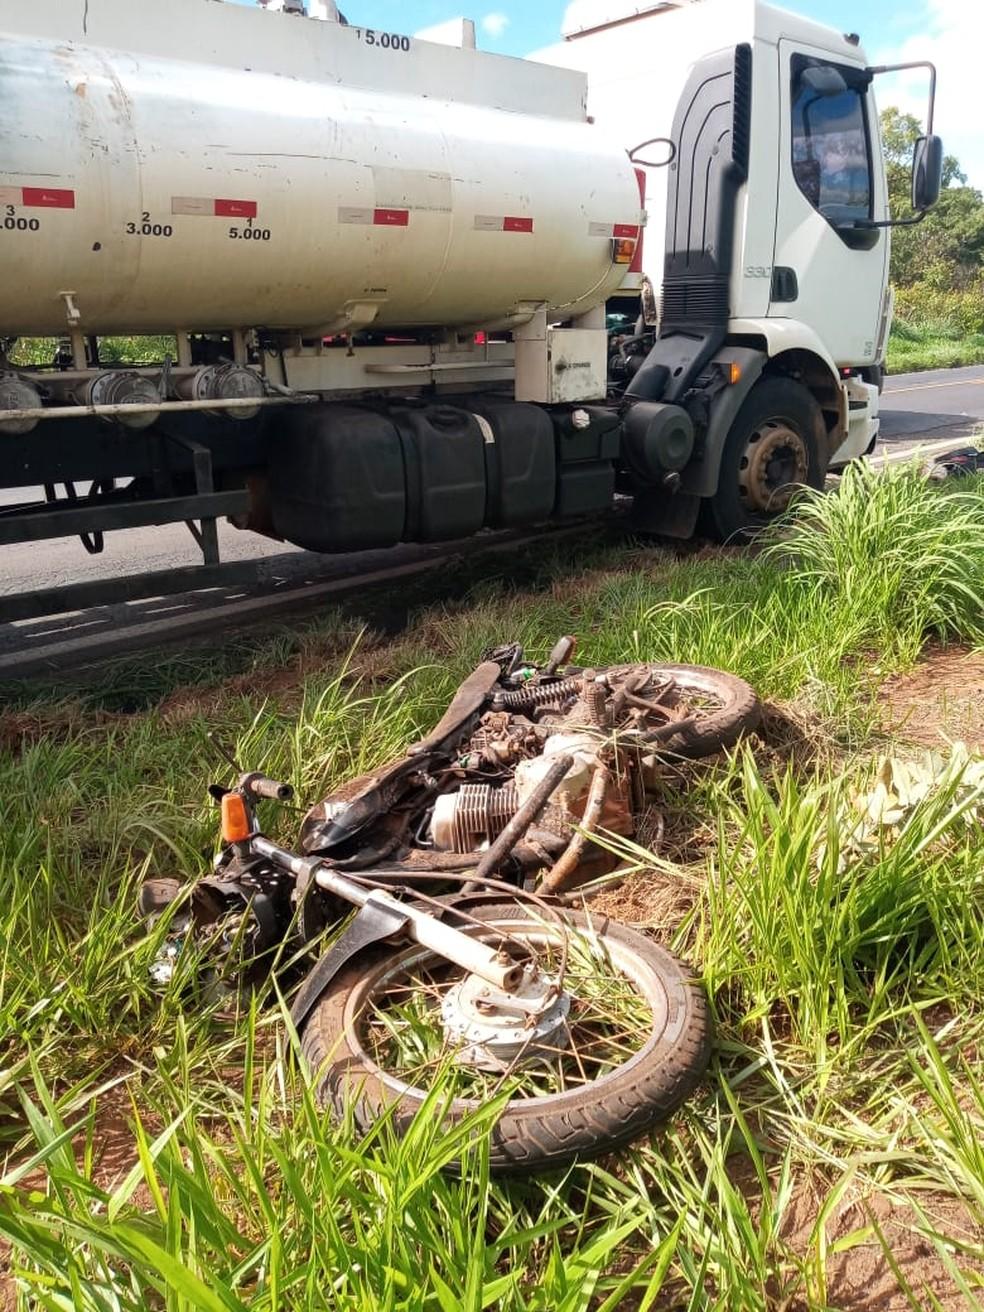 Motociclista morre ao bater de frente com caminhão na BR-497 em Uberlândia